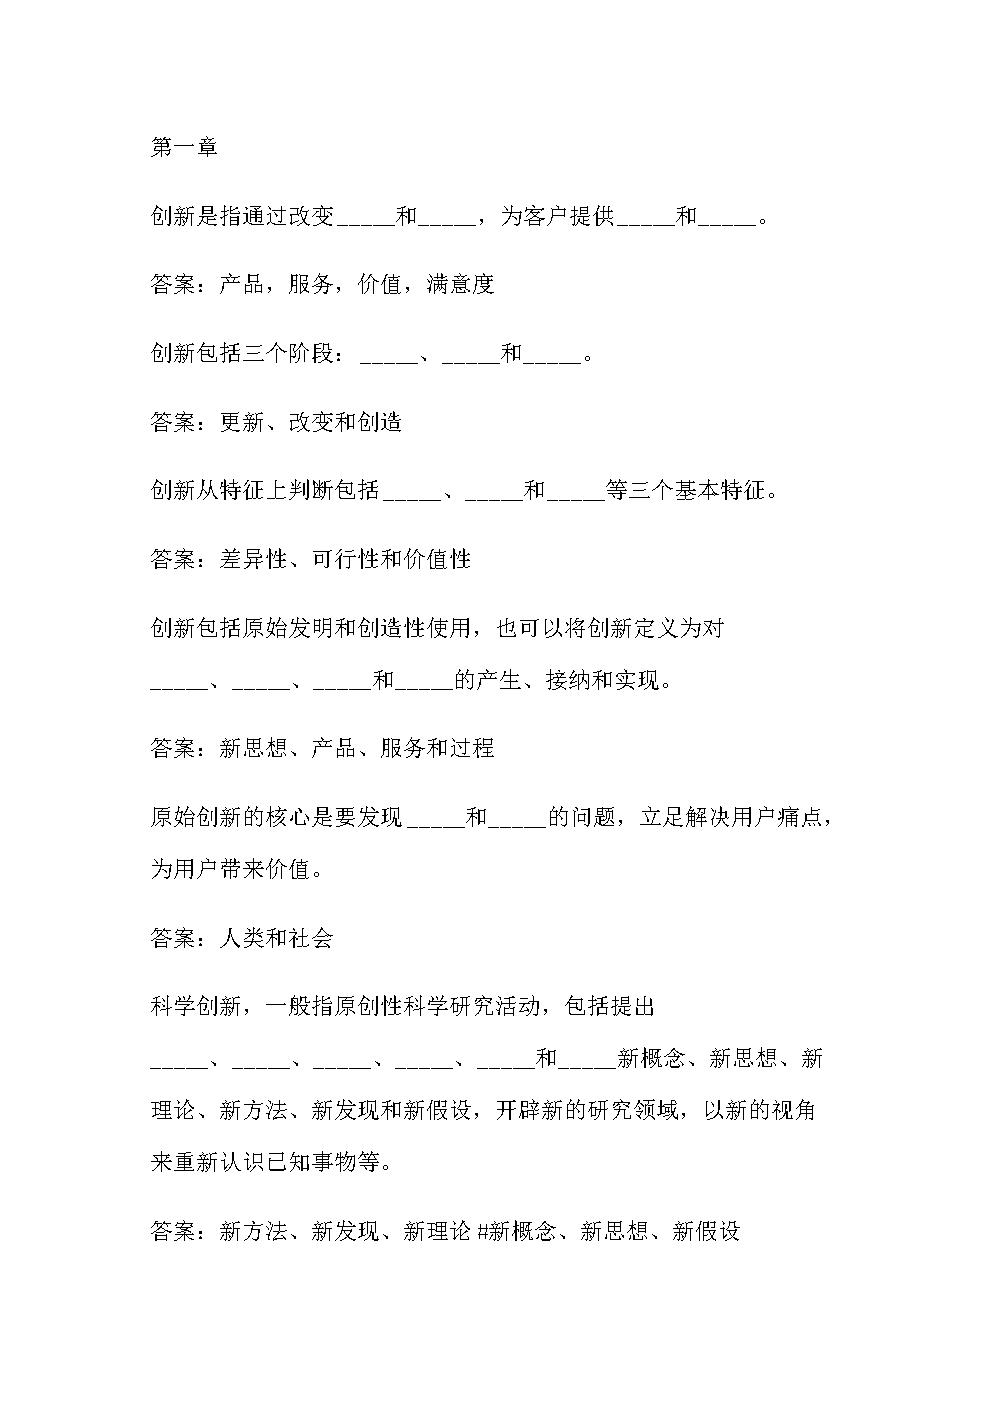 2019創新工程實踐章節測試+答案.docx